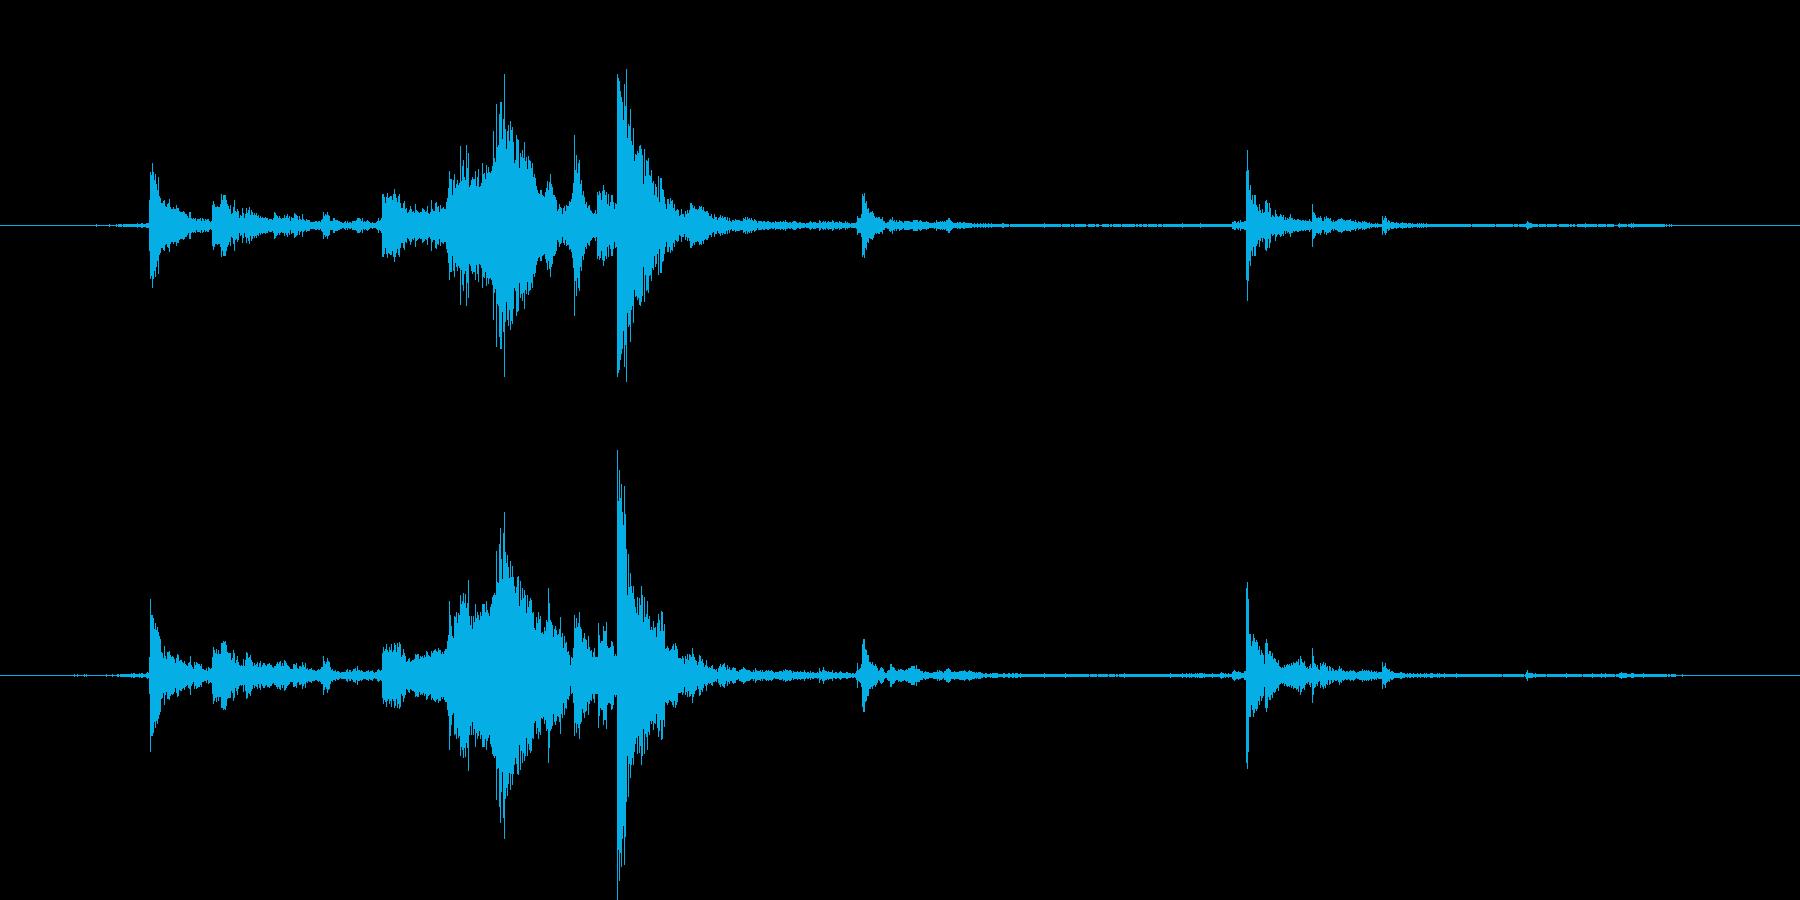 カギを入手した音・チャキッという金属音3の再生済みの波形